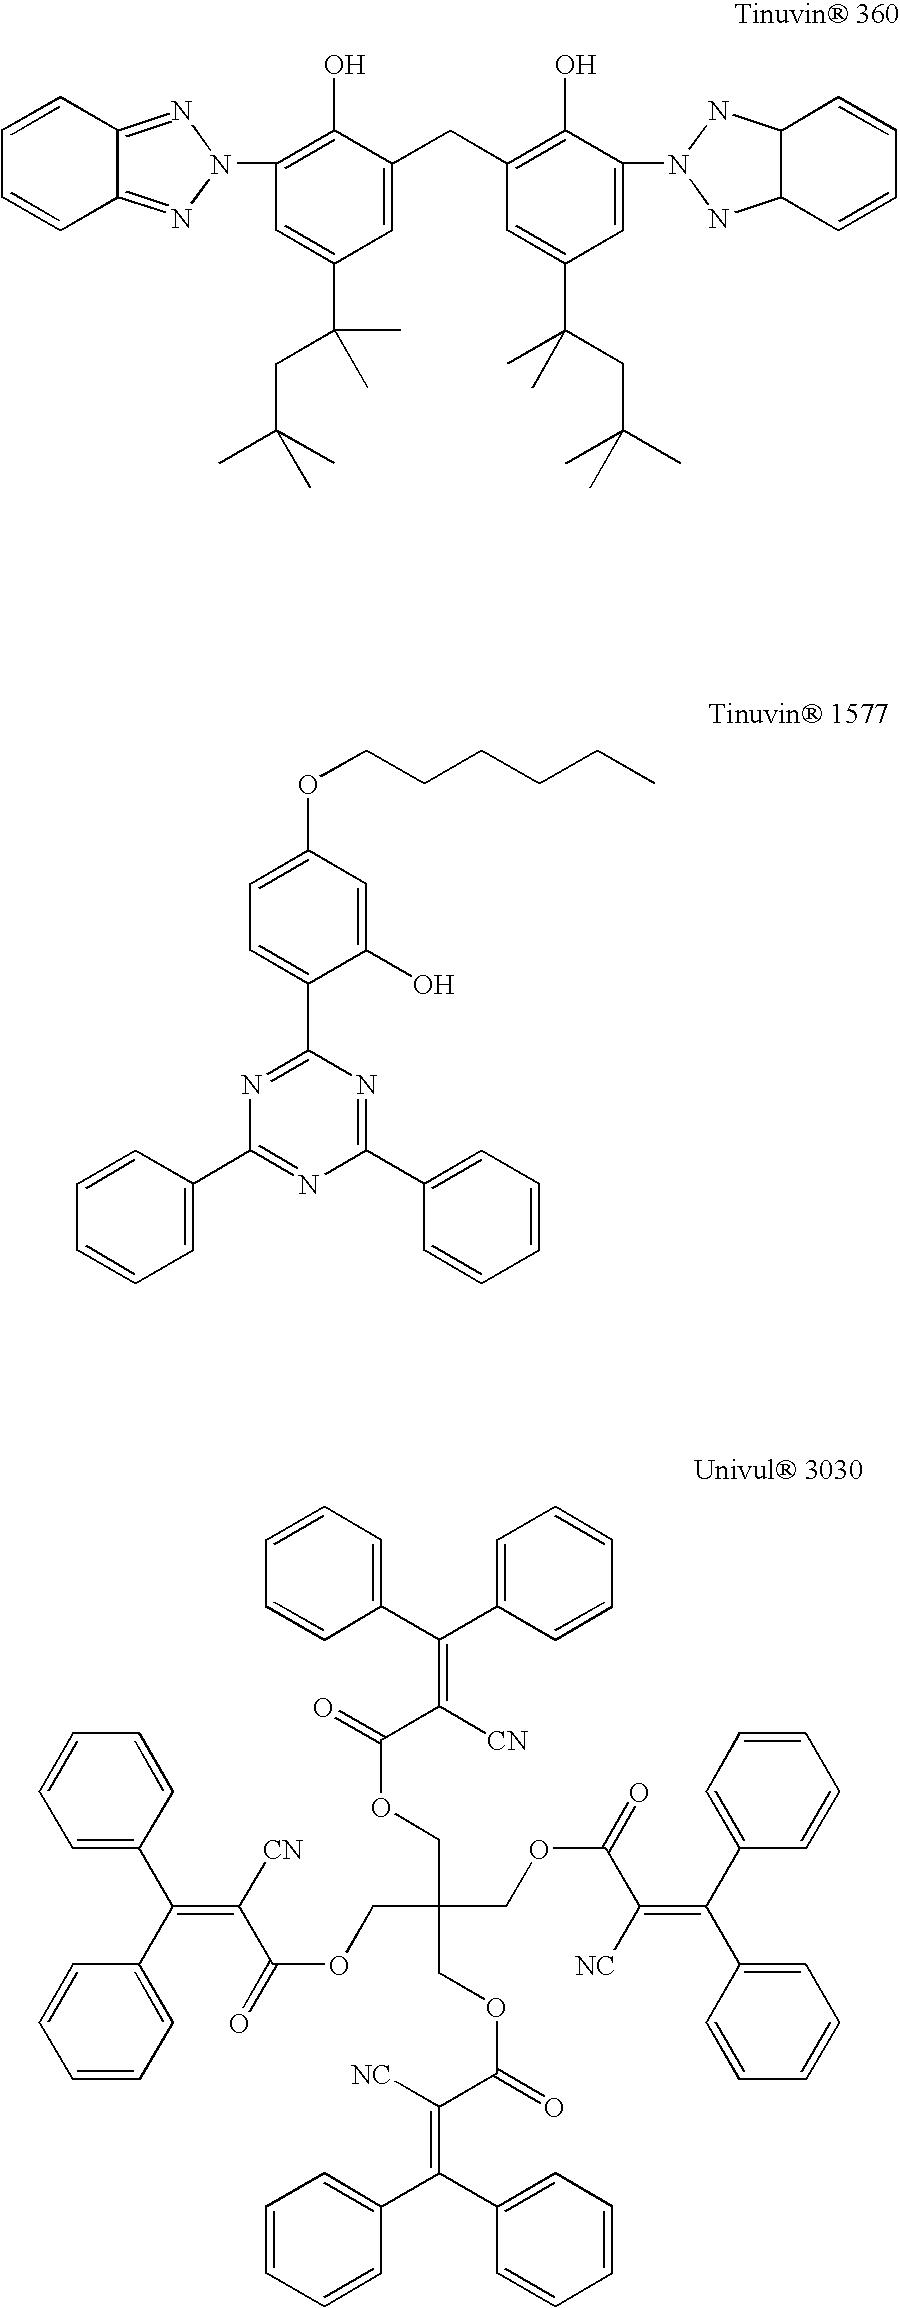 Figure US20040013882A1-20040122-C00007